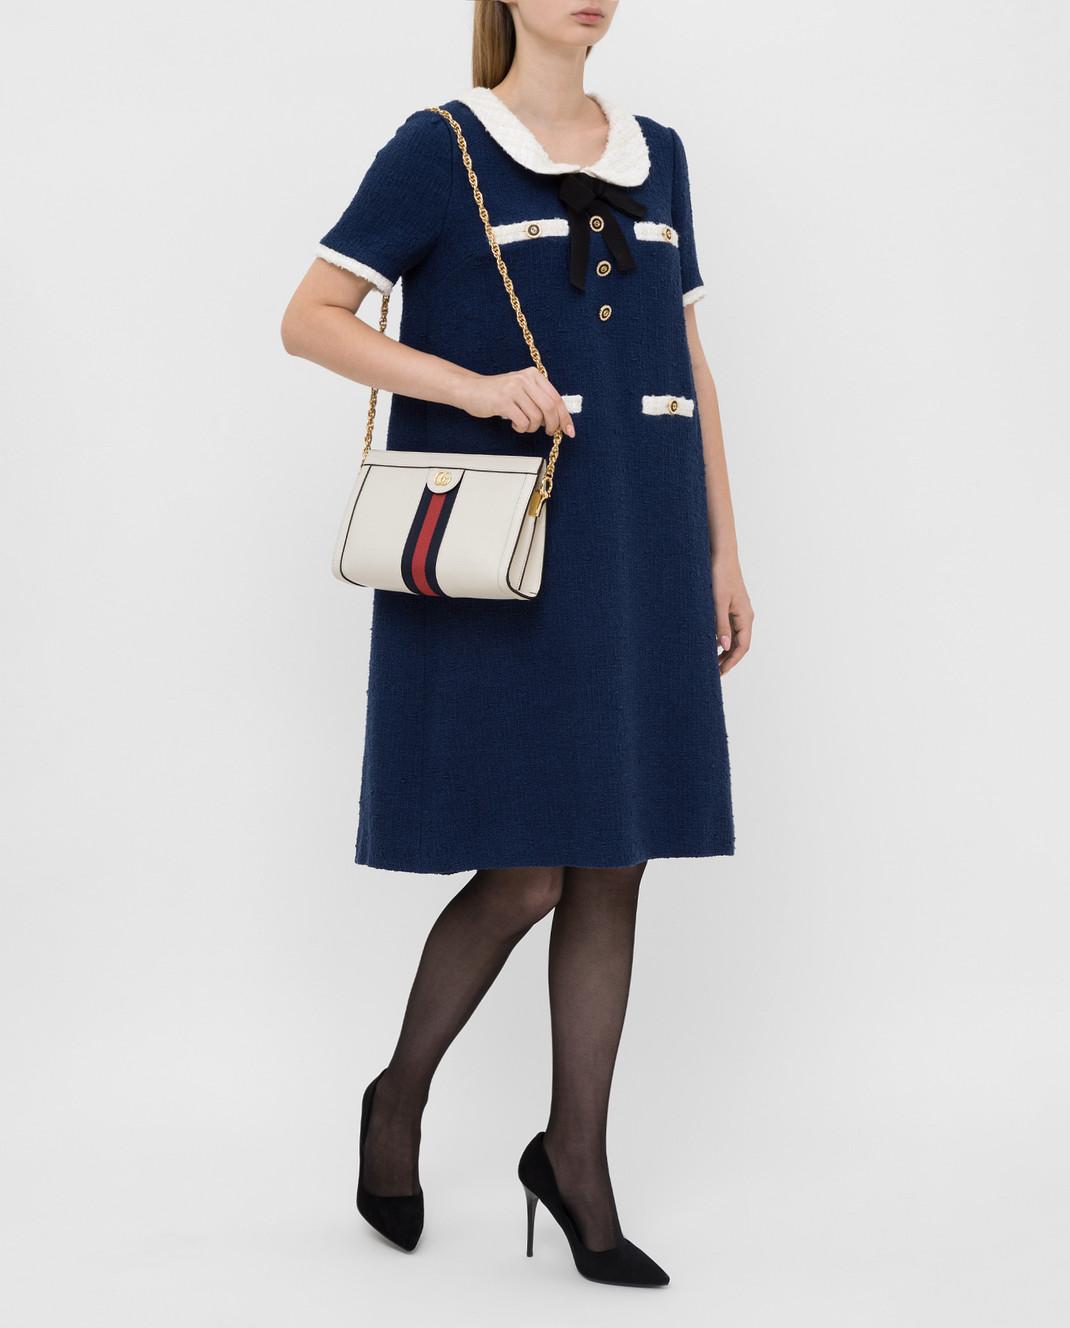 Gucci Синее платье 576826 изображение 2